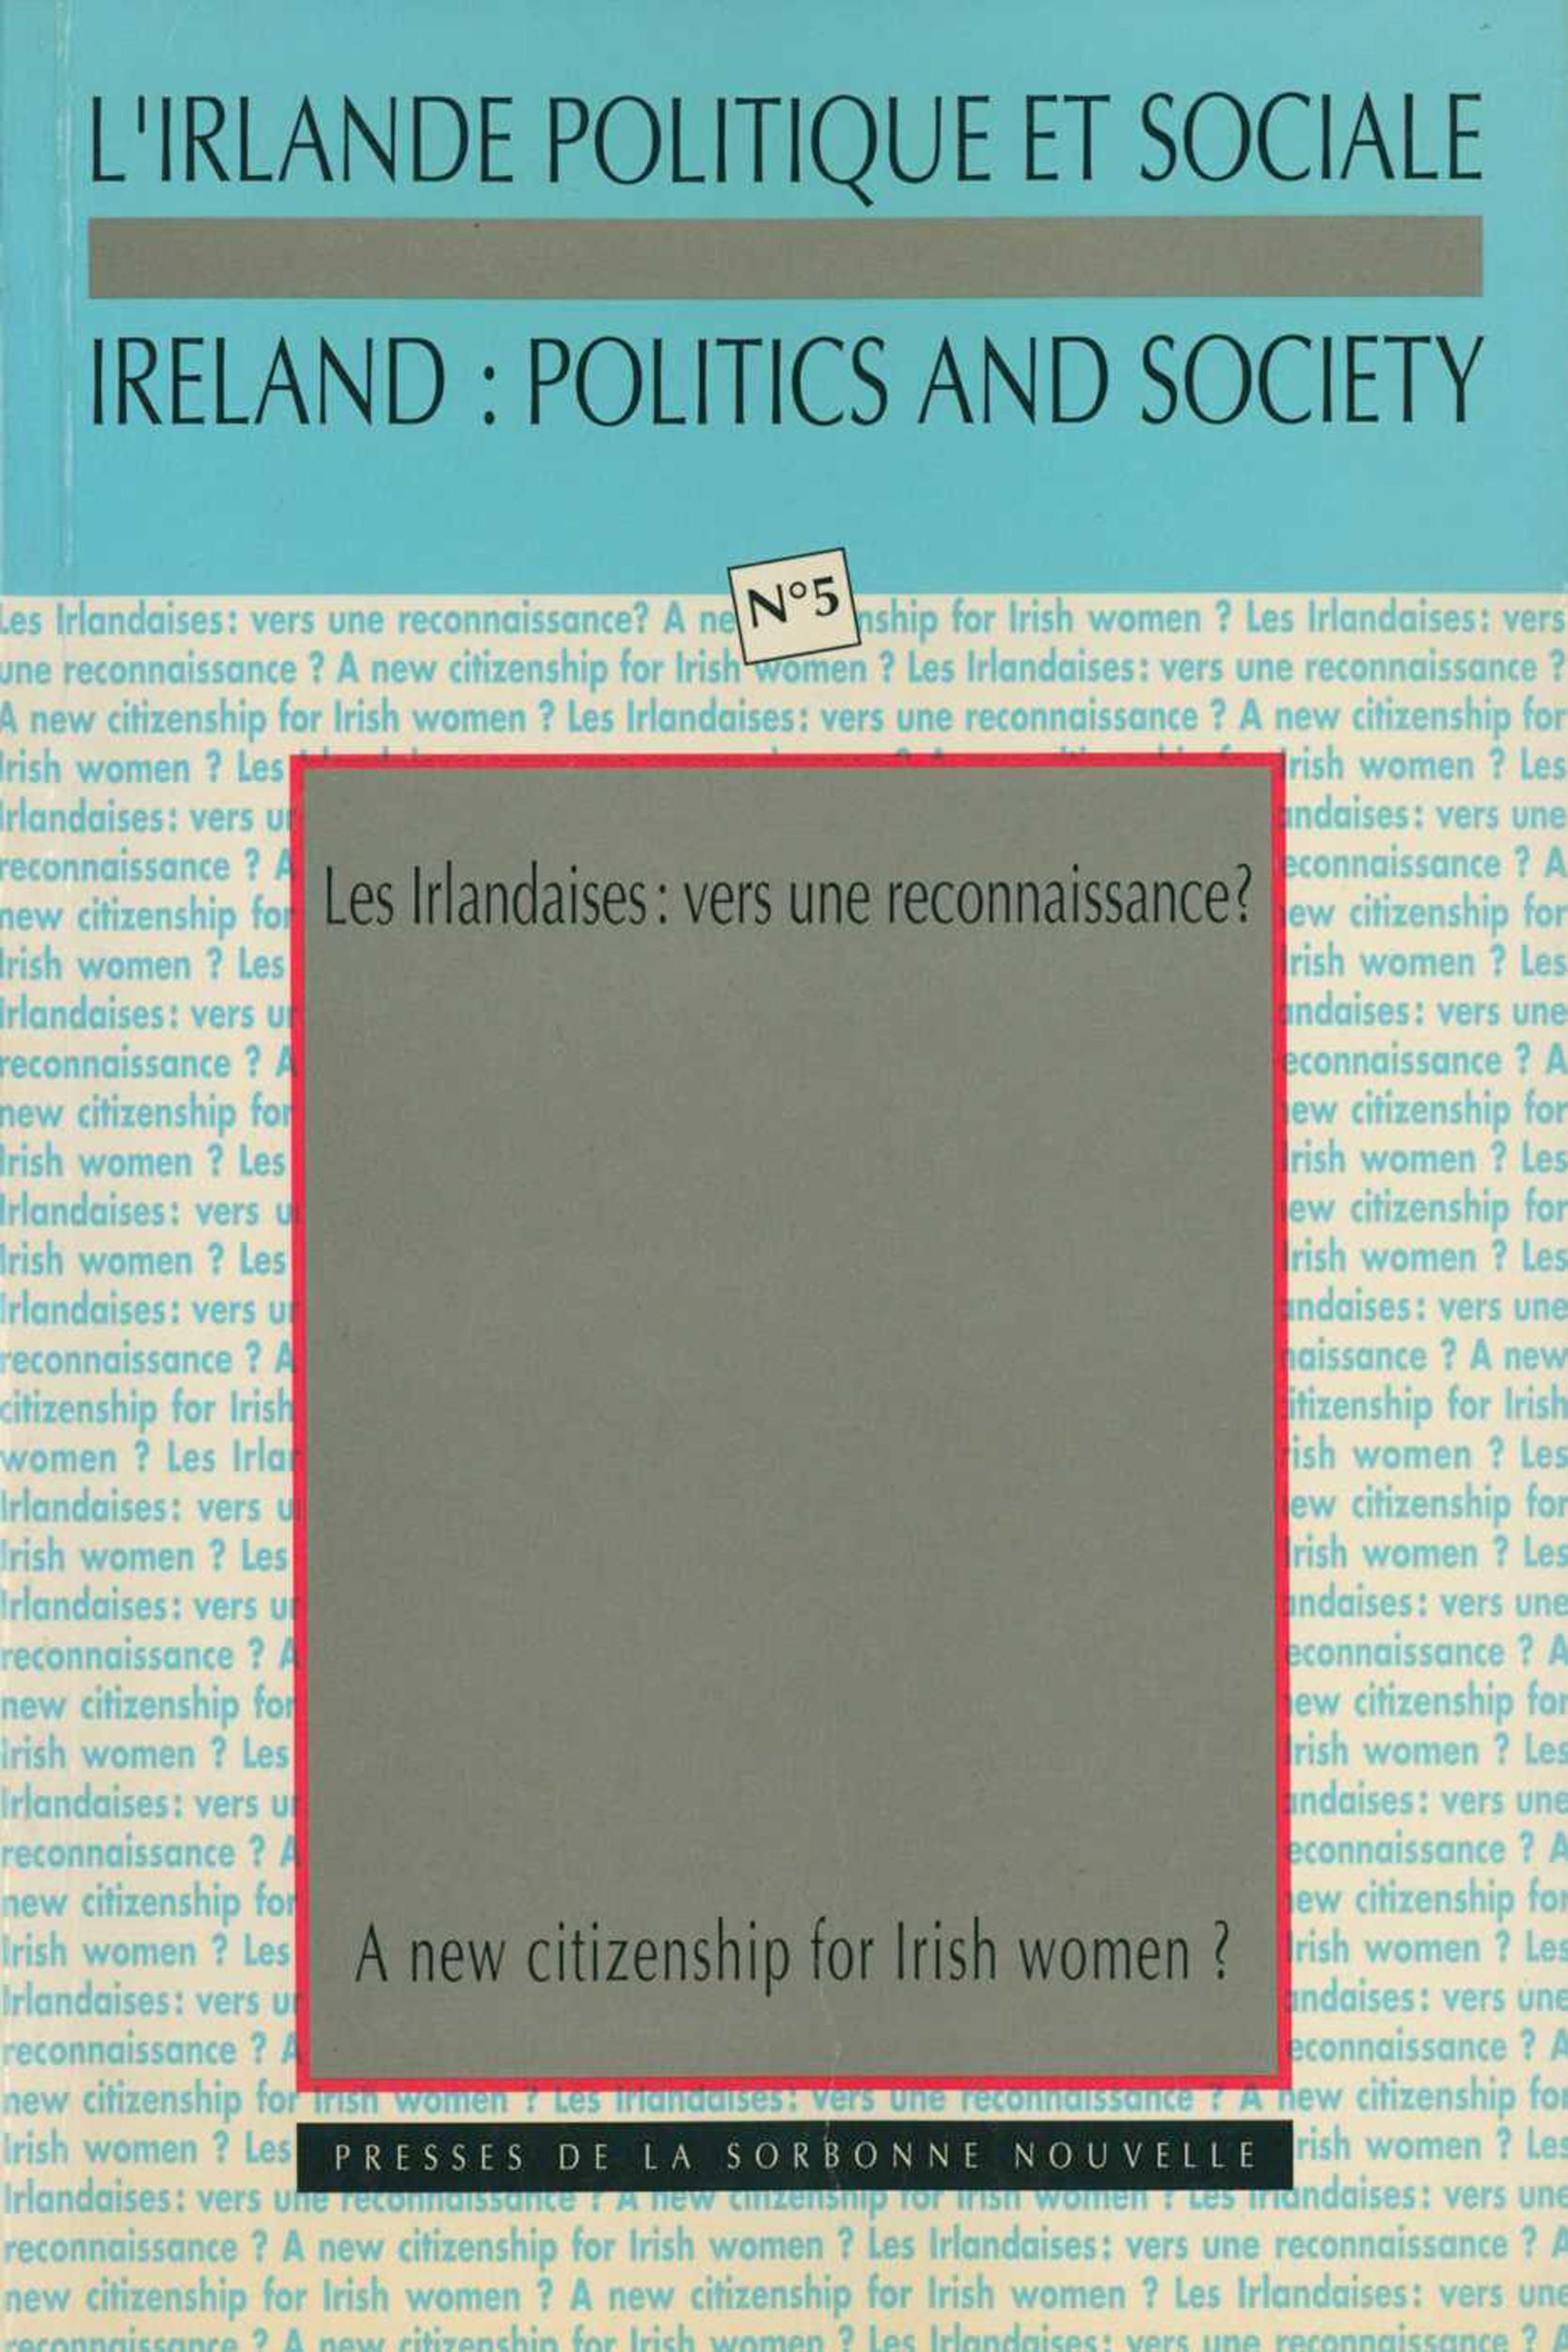 Les irlandaises. vers une reconnaissance ?/a new citizenship for iris h women ?